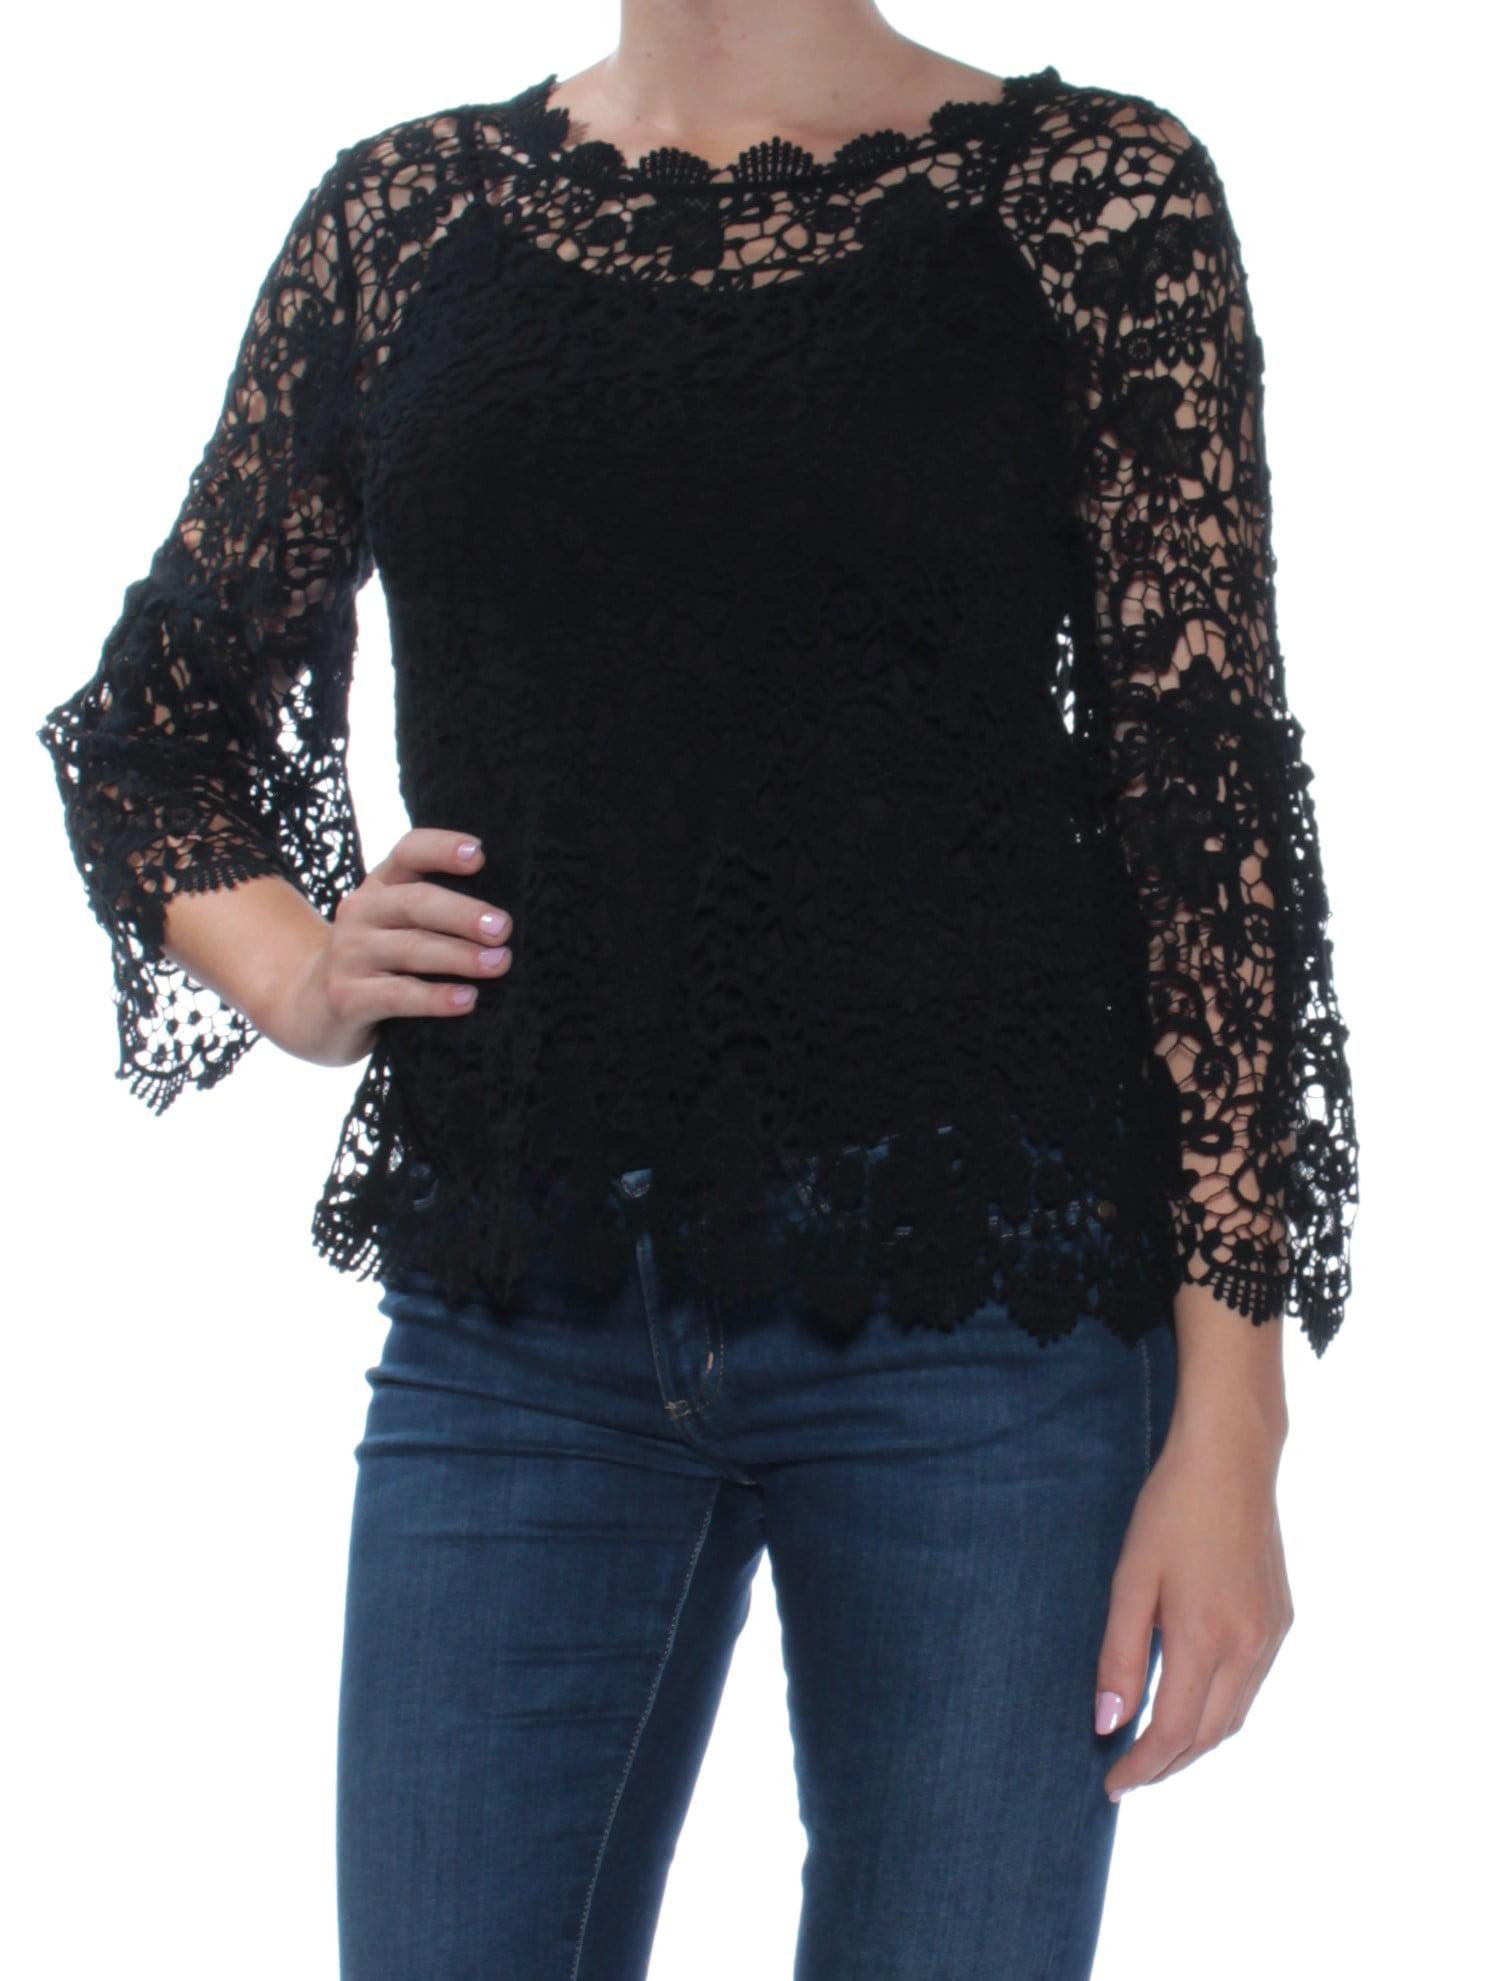 3d63ed1aa10 Alfani - ALFANI Womens Black Textured Lace Bell Sleeve Jewel Neck Top Size:  M - Walmart.com